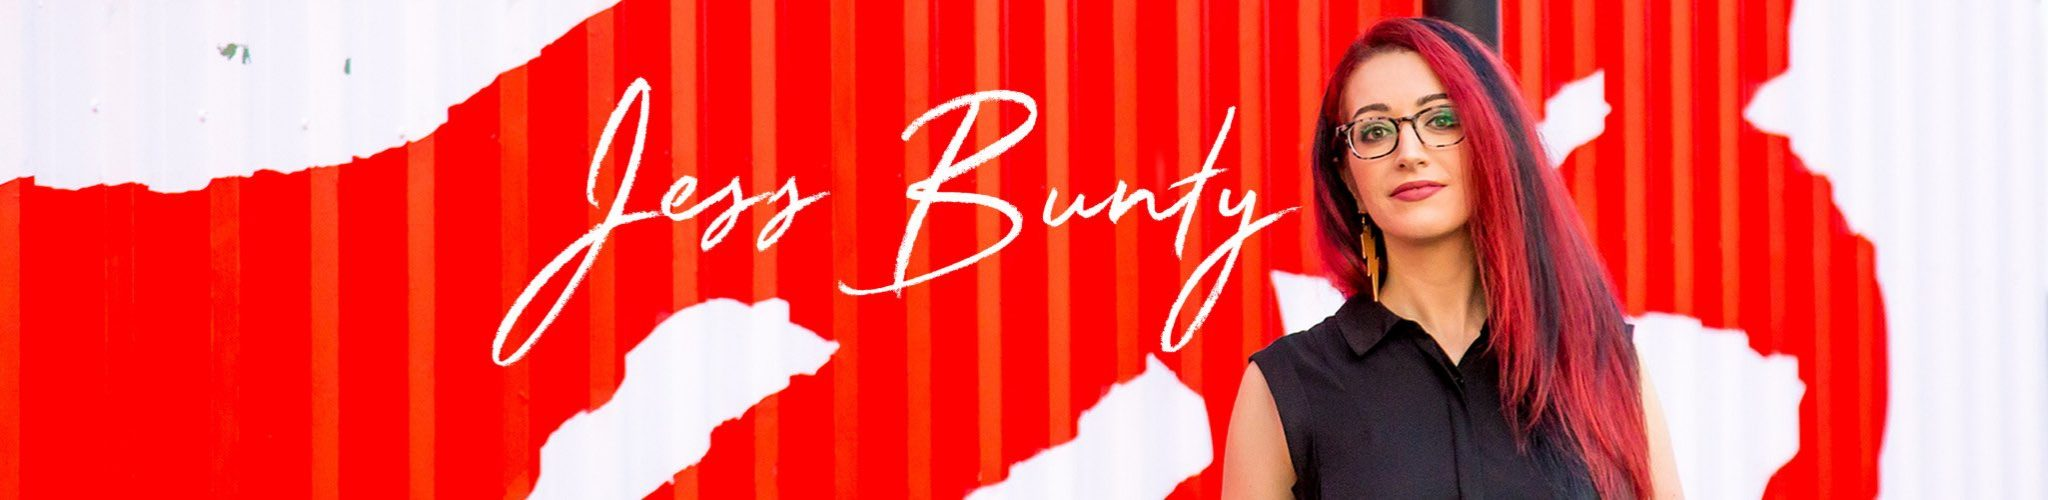 Jess Bunty